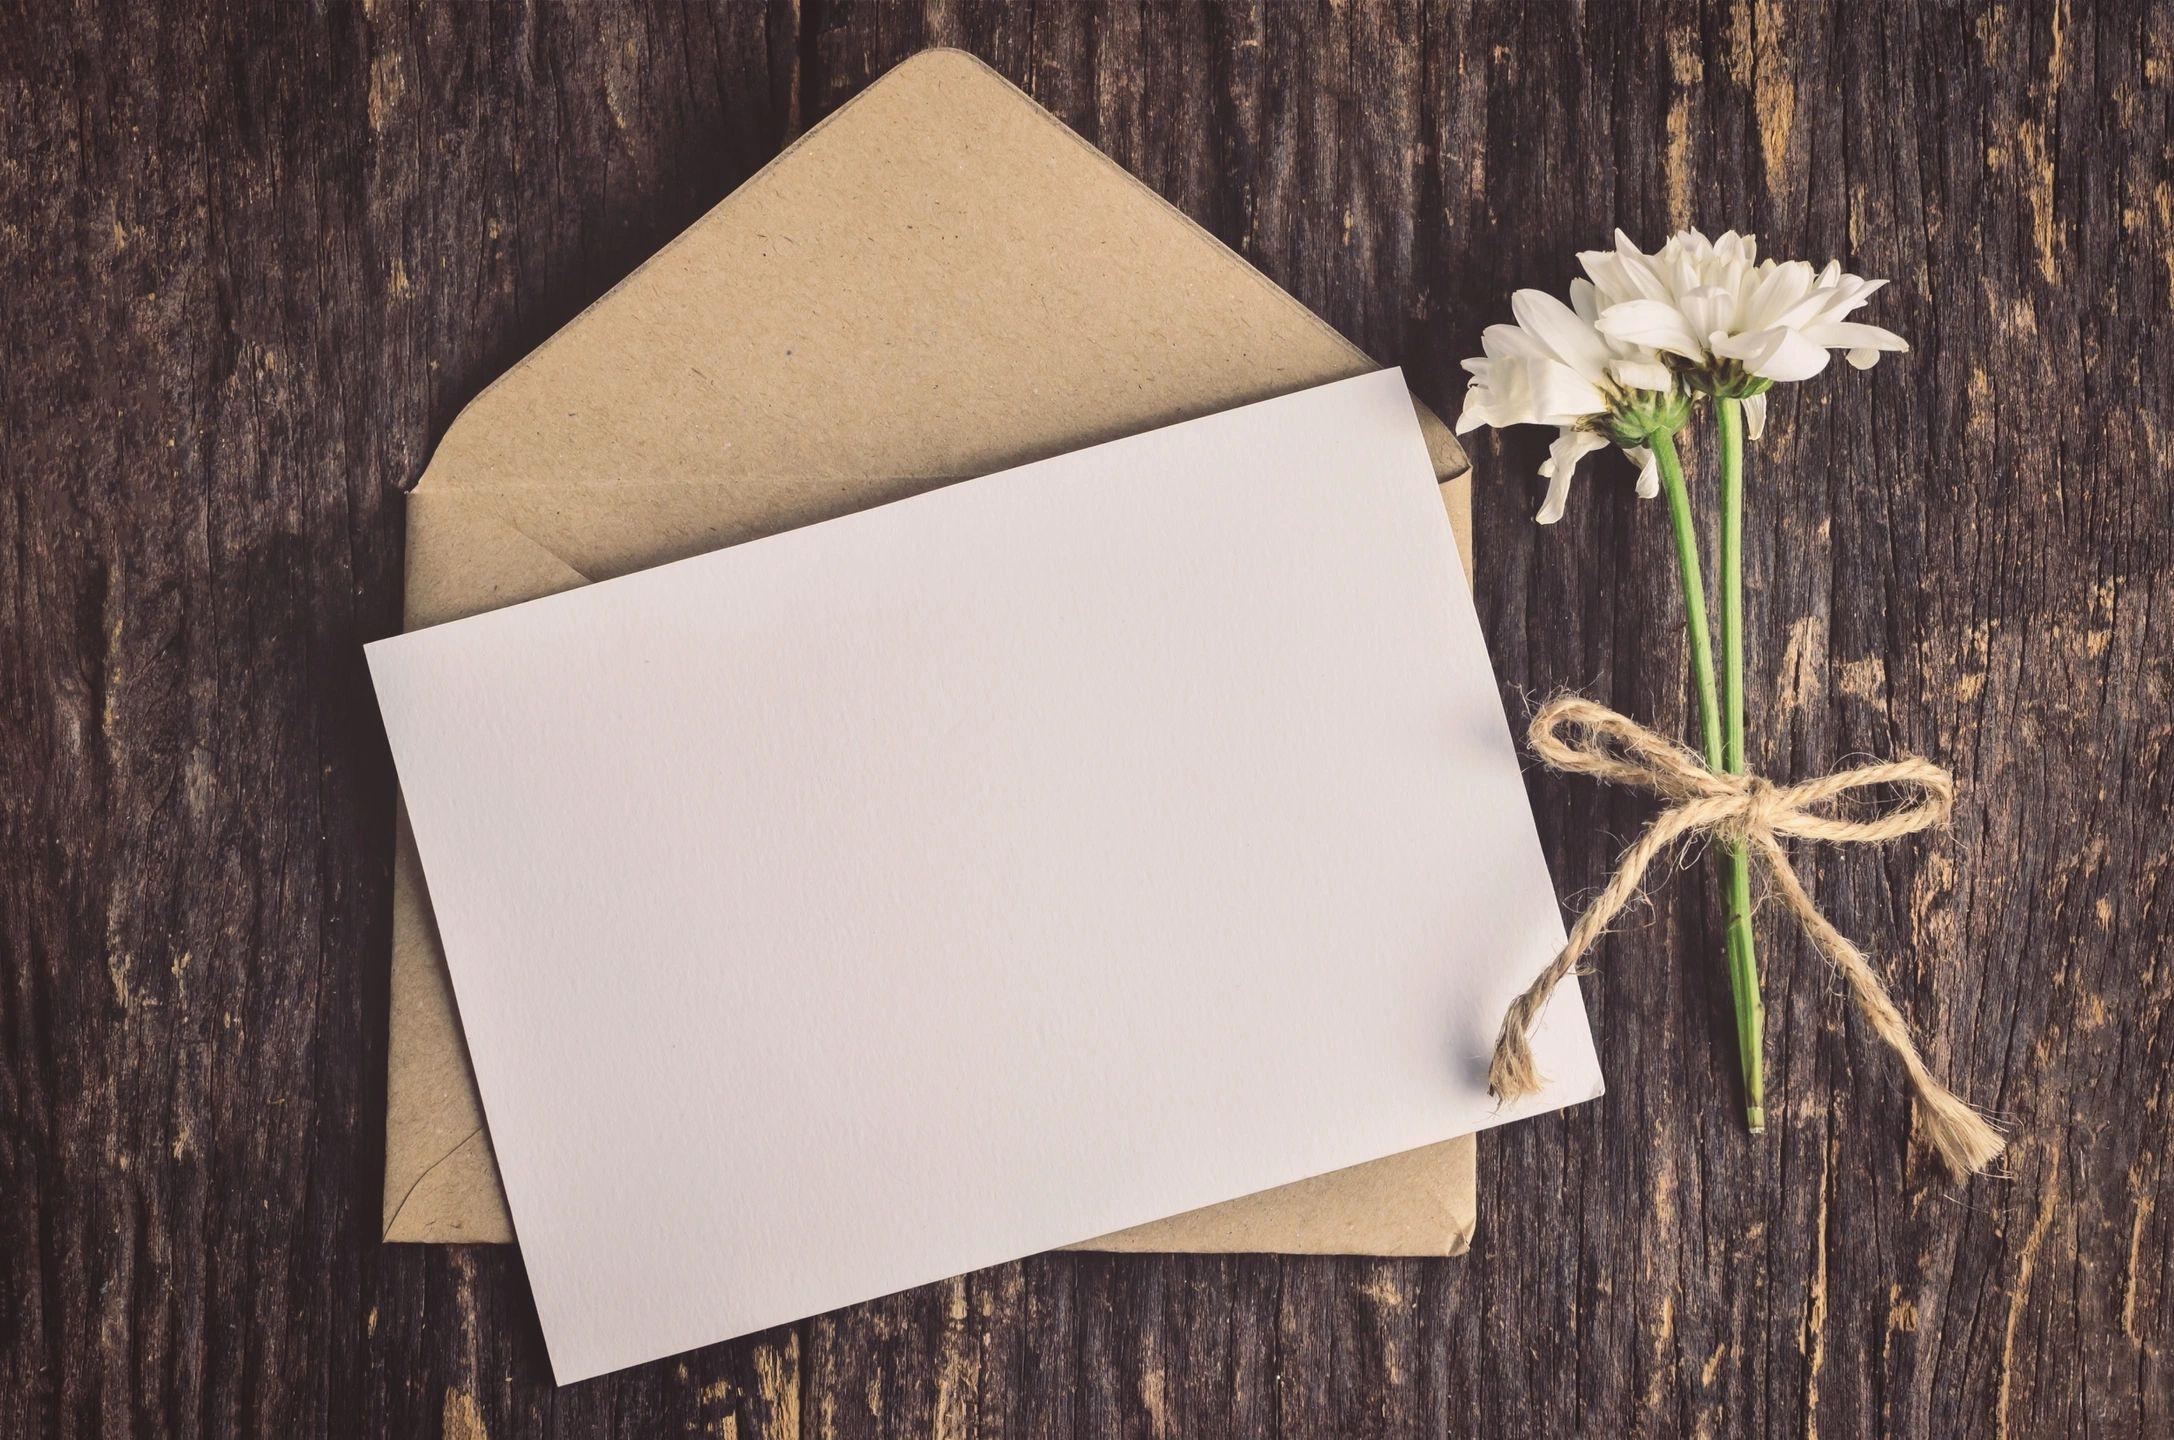 Февраля, открытка белая пустая